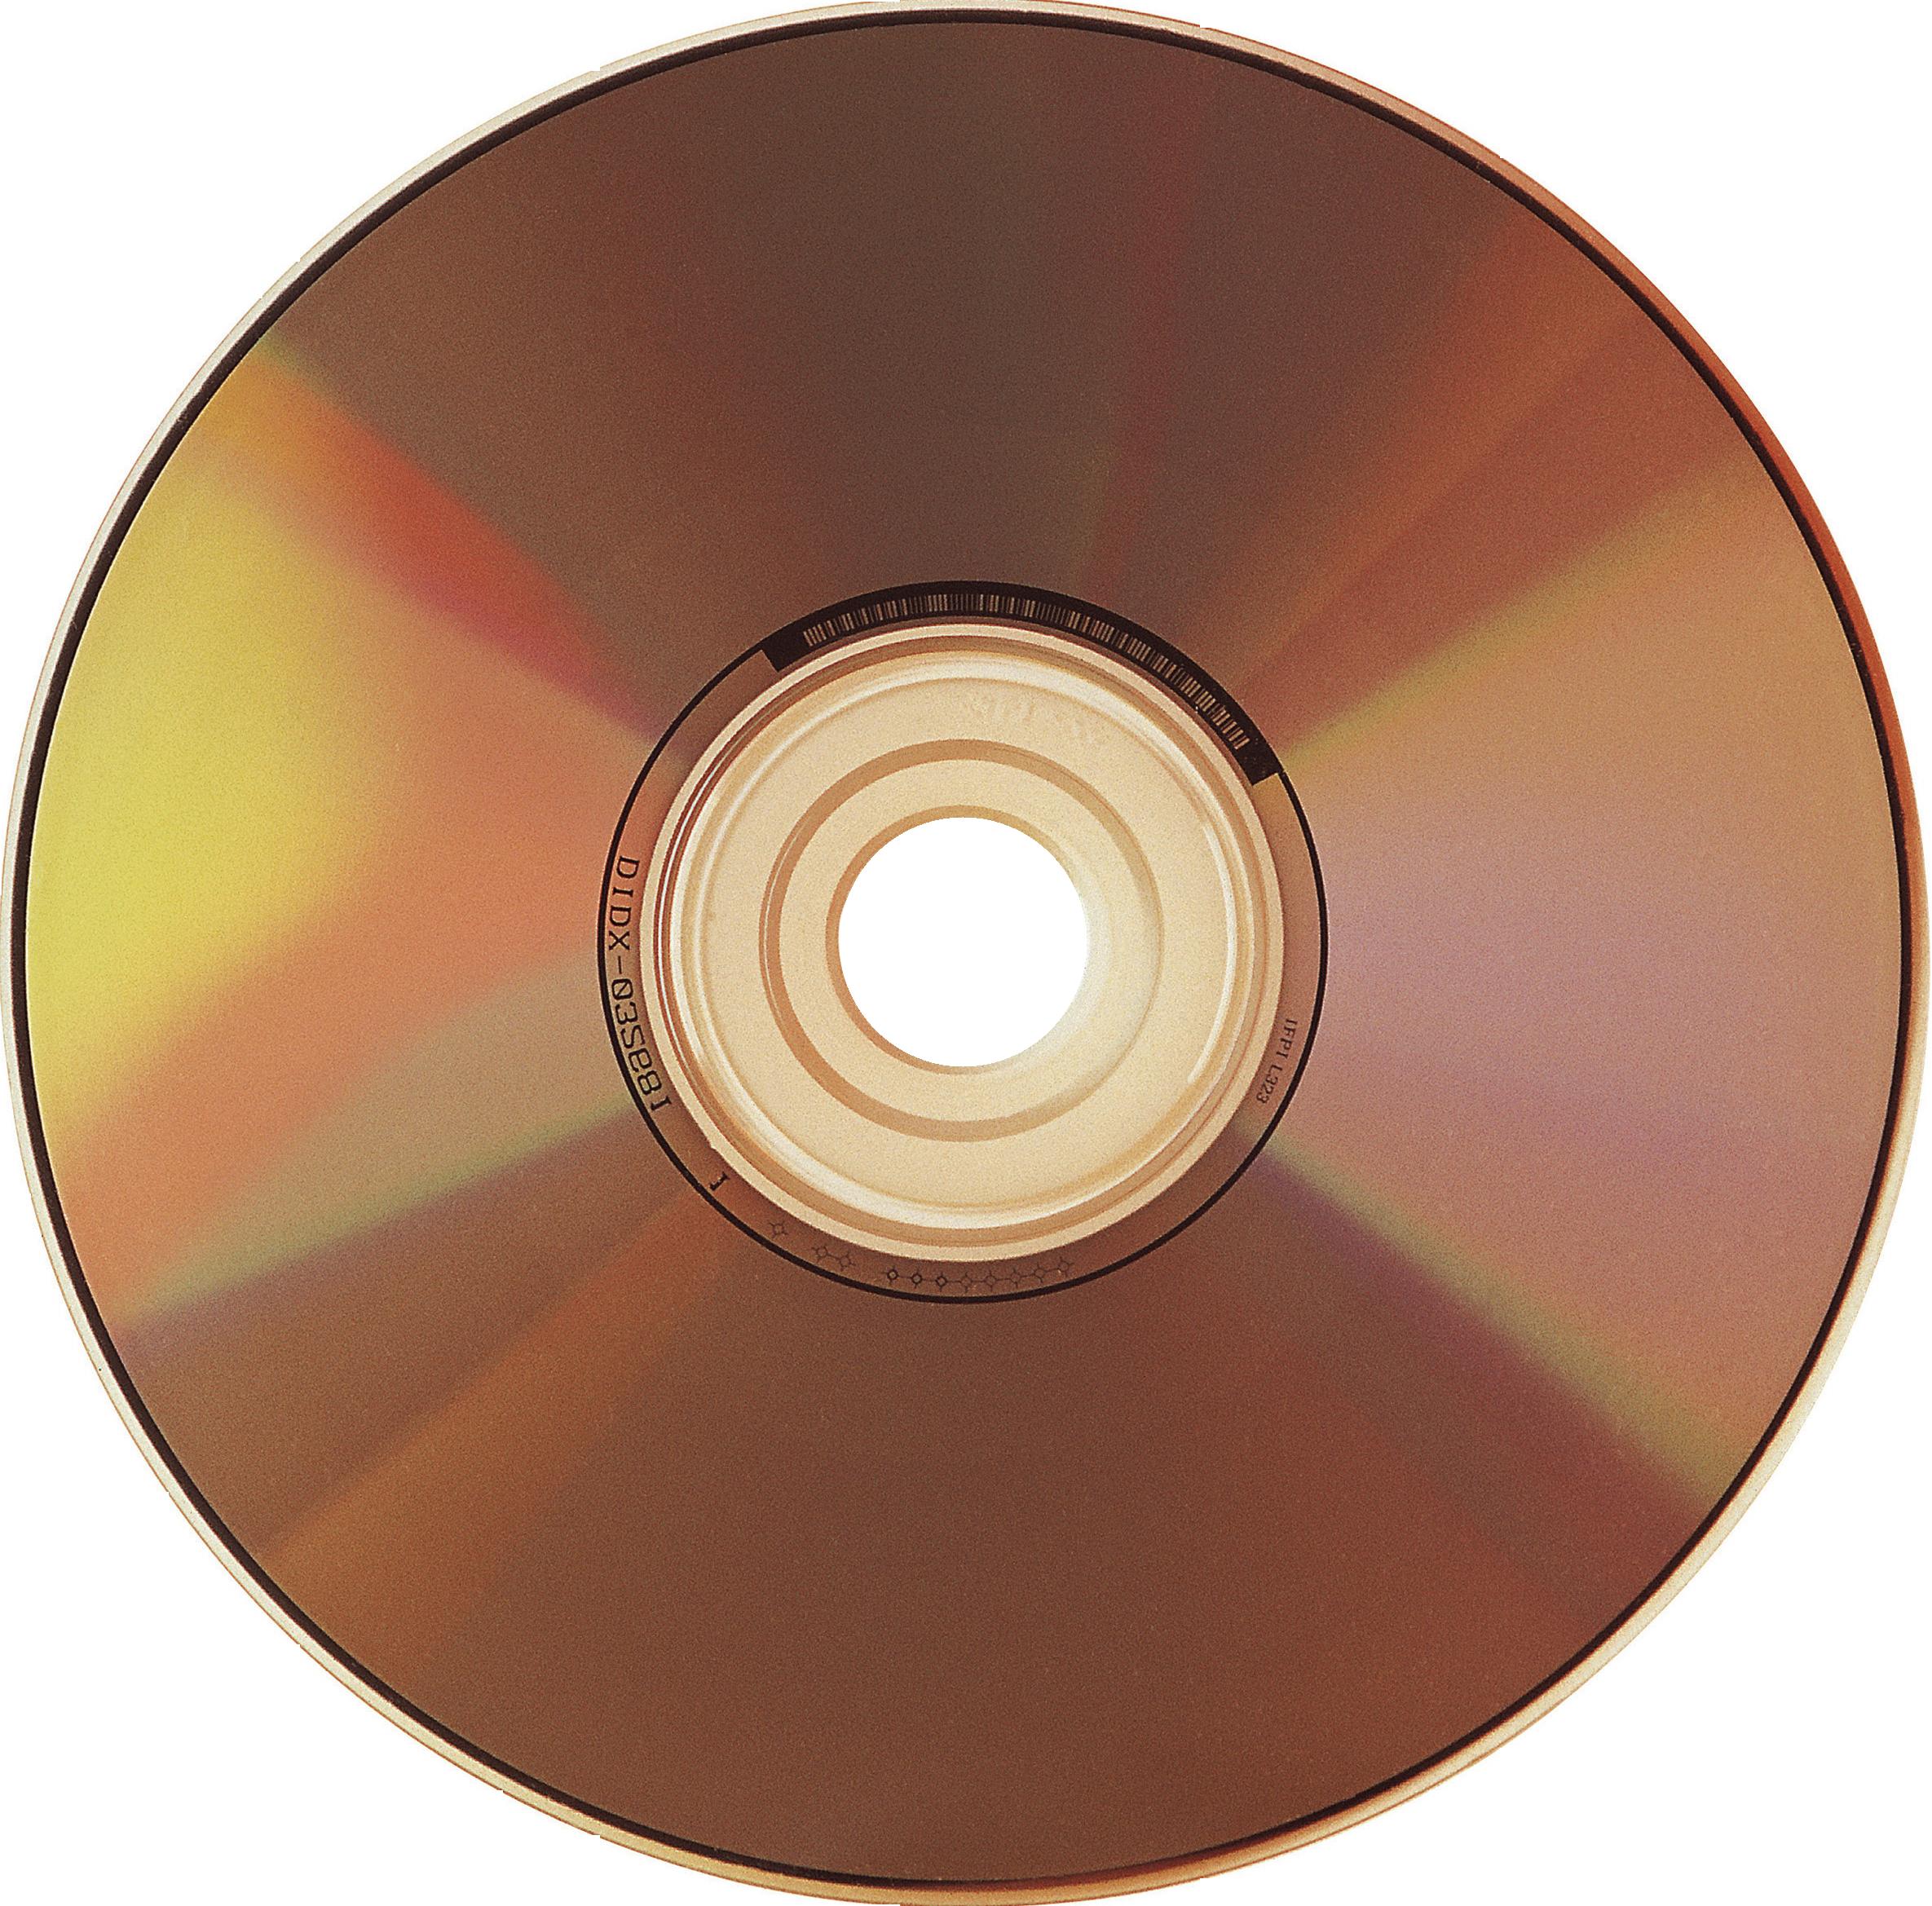 CD DVD PNG image